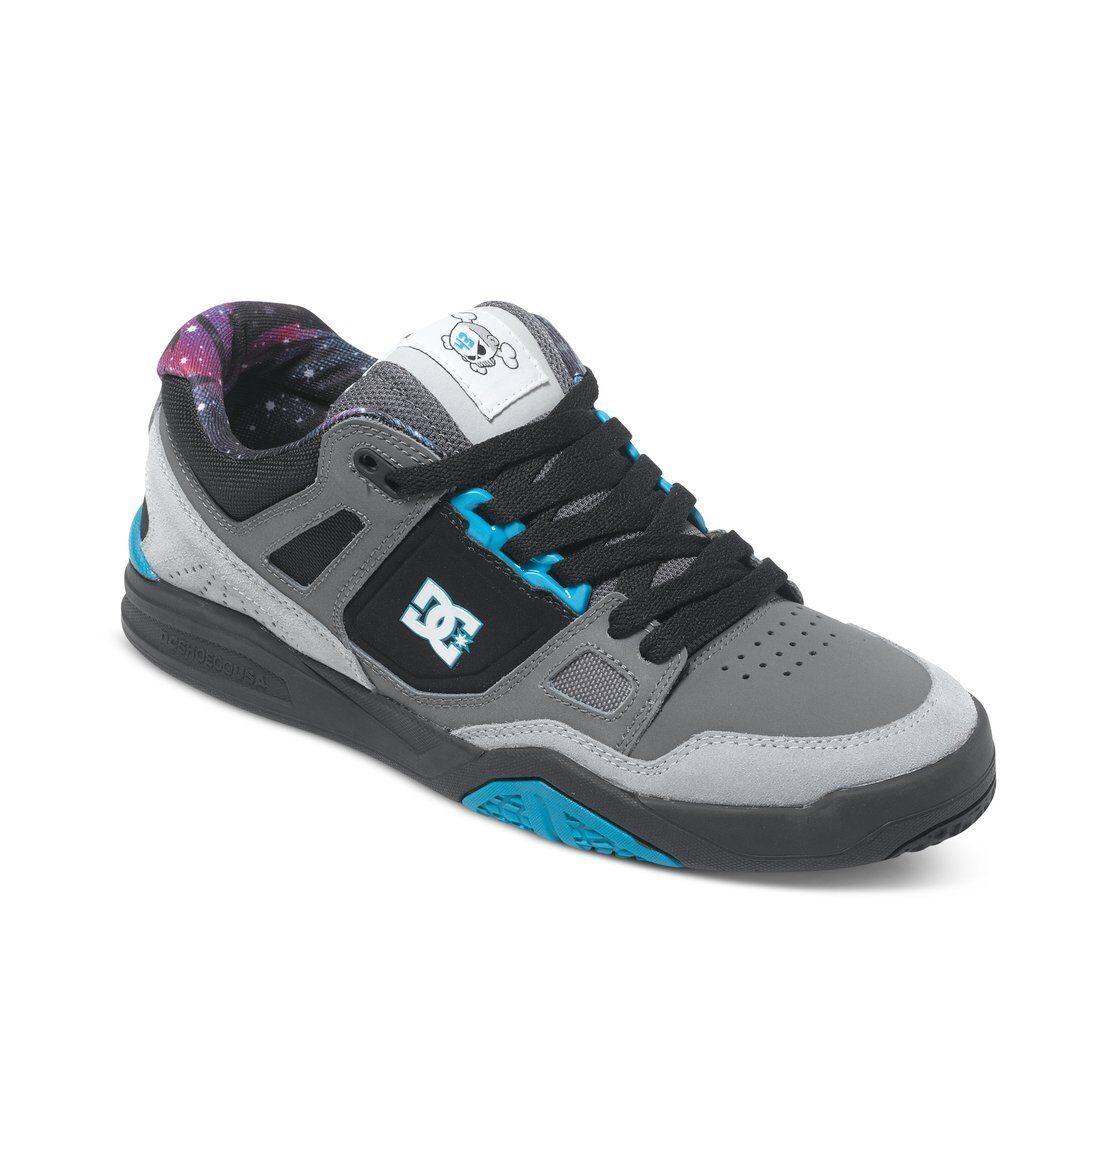 Herrenschuhe skate cyan DC Schuhe Hirsch 2 Ken Block cyan skate schwarz chaussures zapatos 74de15